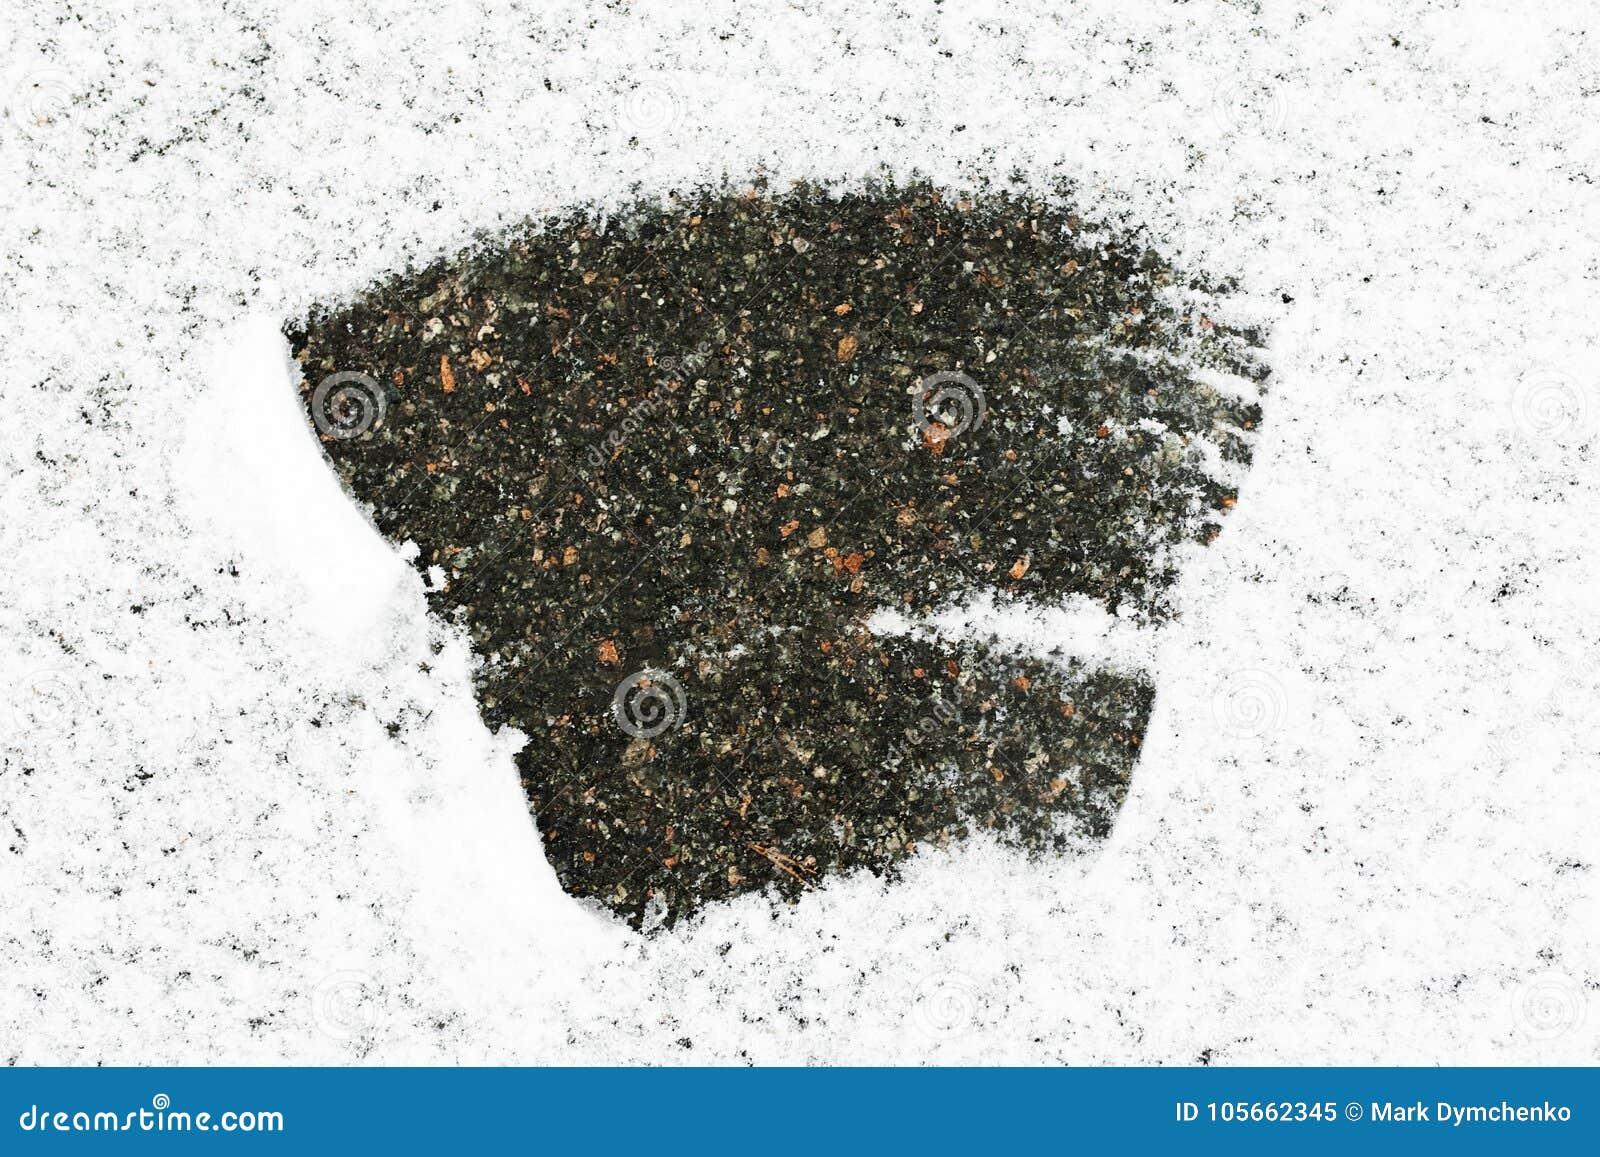 Η άσφαλτος που καλύπτεται με το χιόνι, μέρη του χιονιού στη μέση του χιονιού που καθαρίζεται, υπόβαθρο χιονιού